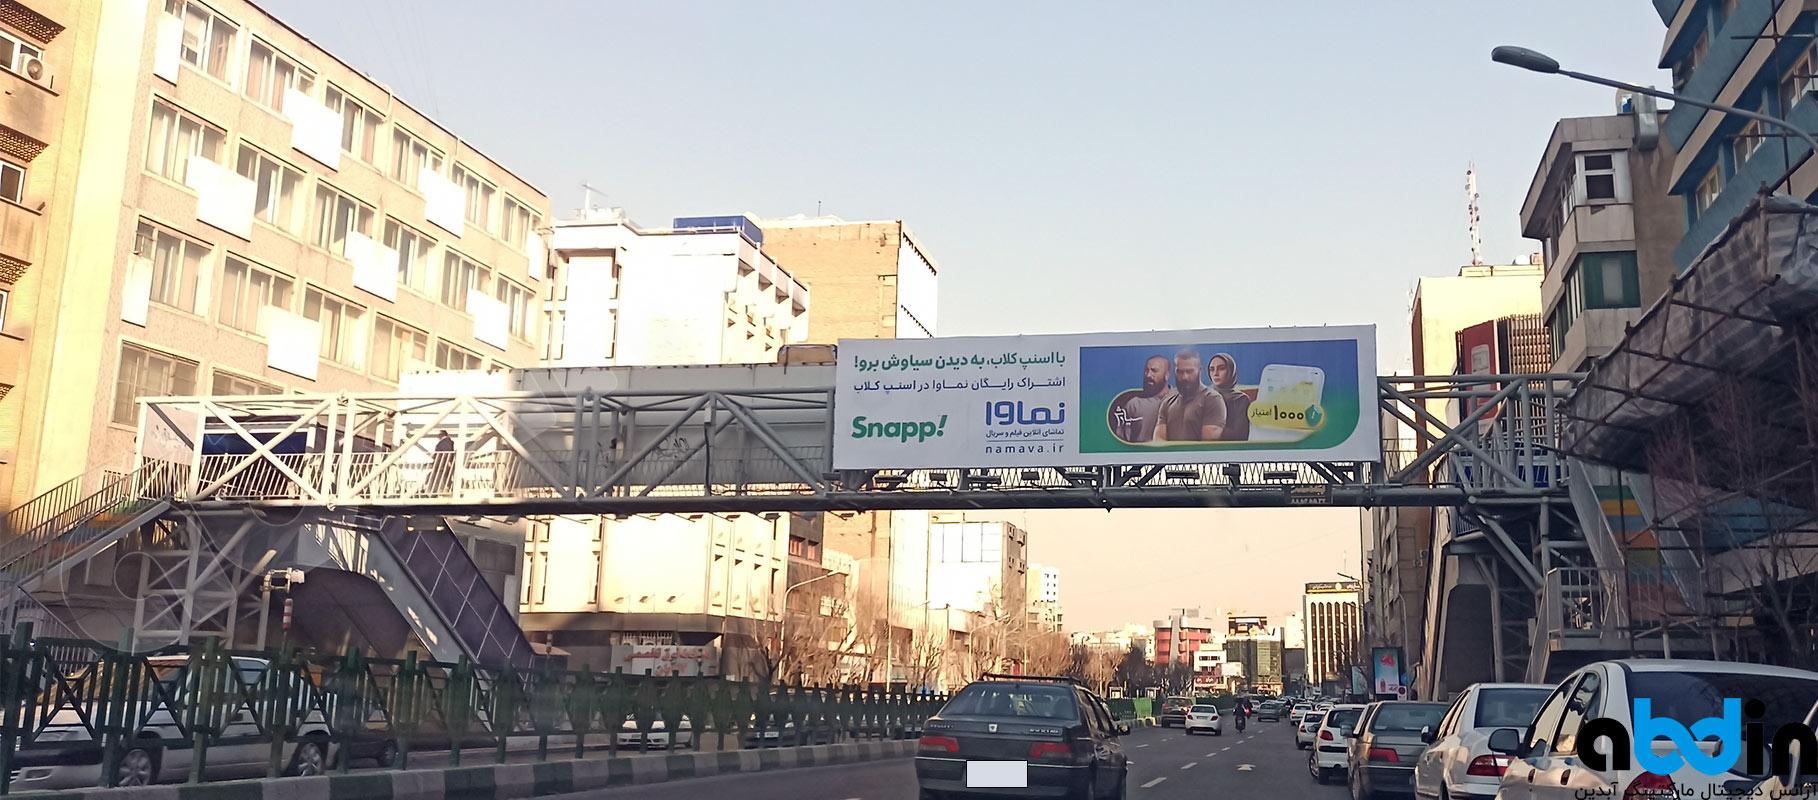 بیلبورد خیابان کریمخان شرق نرسیده به میدان هفت تیر